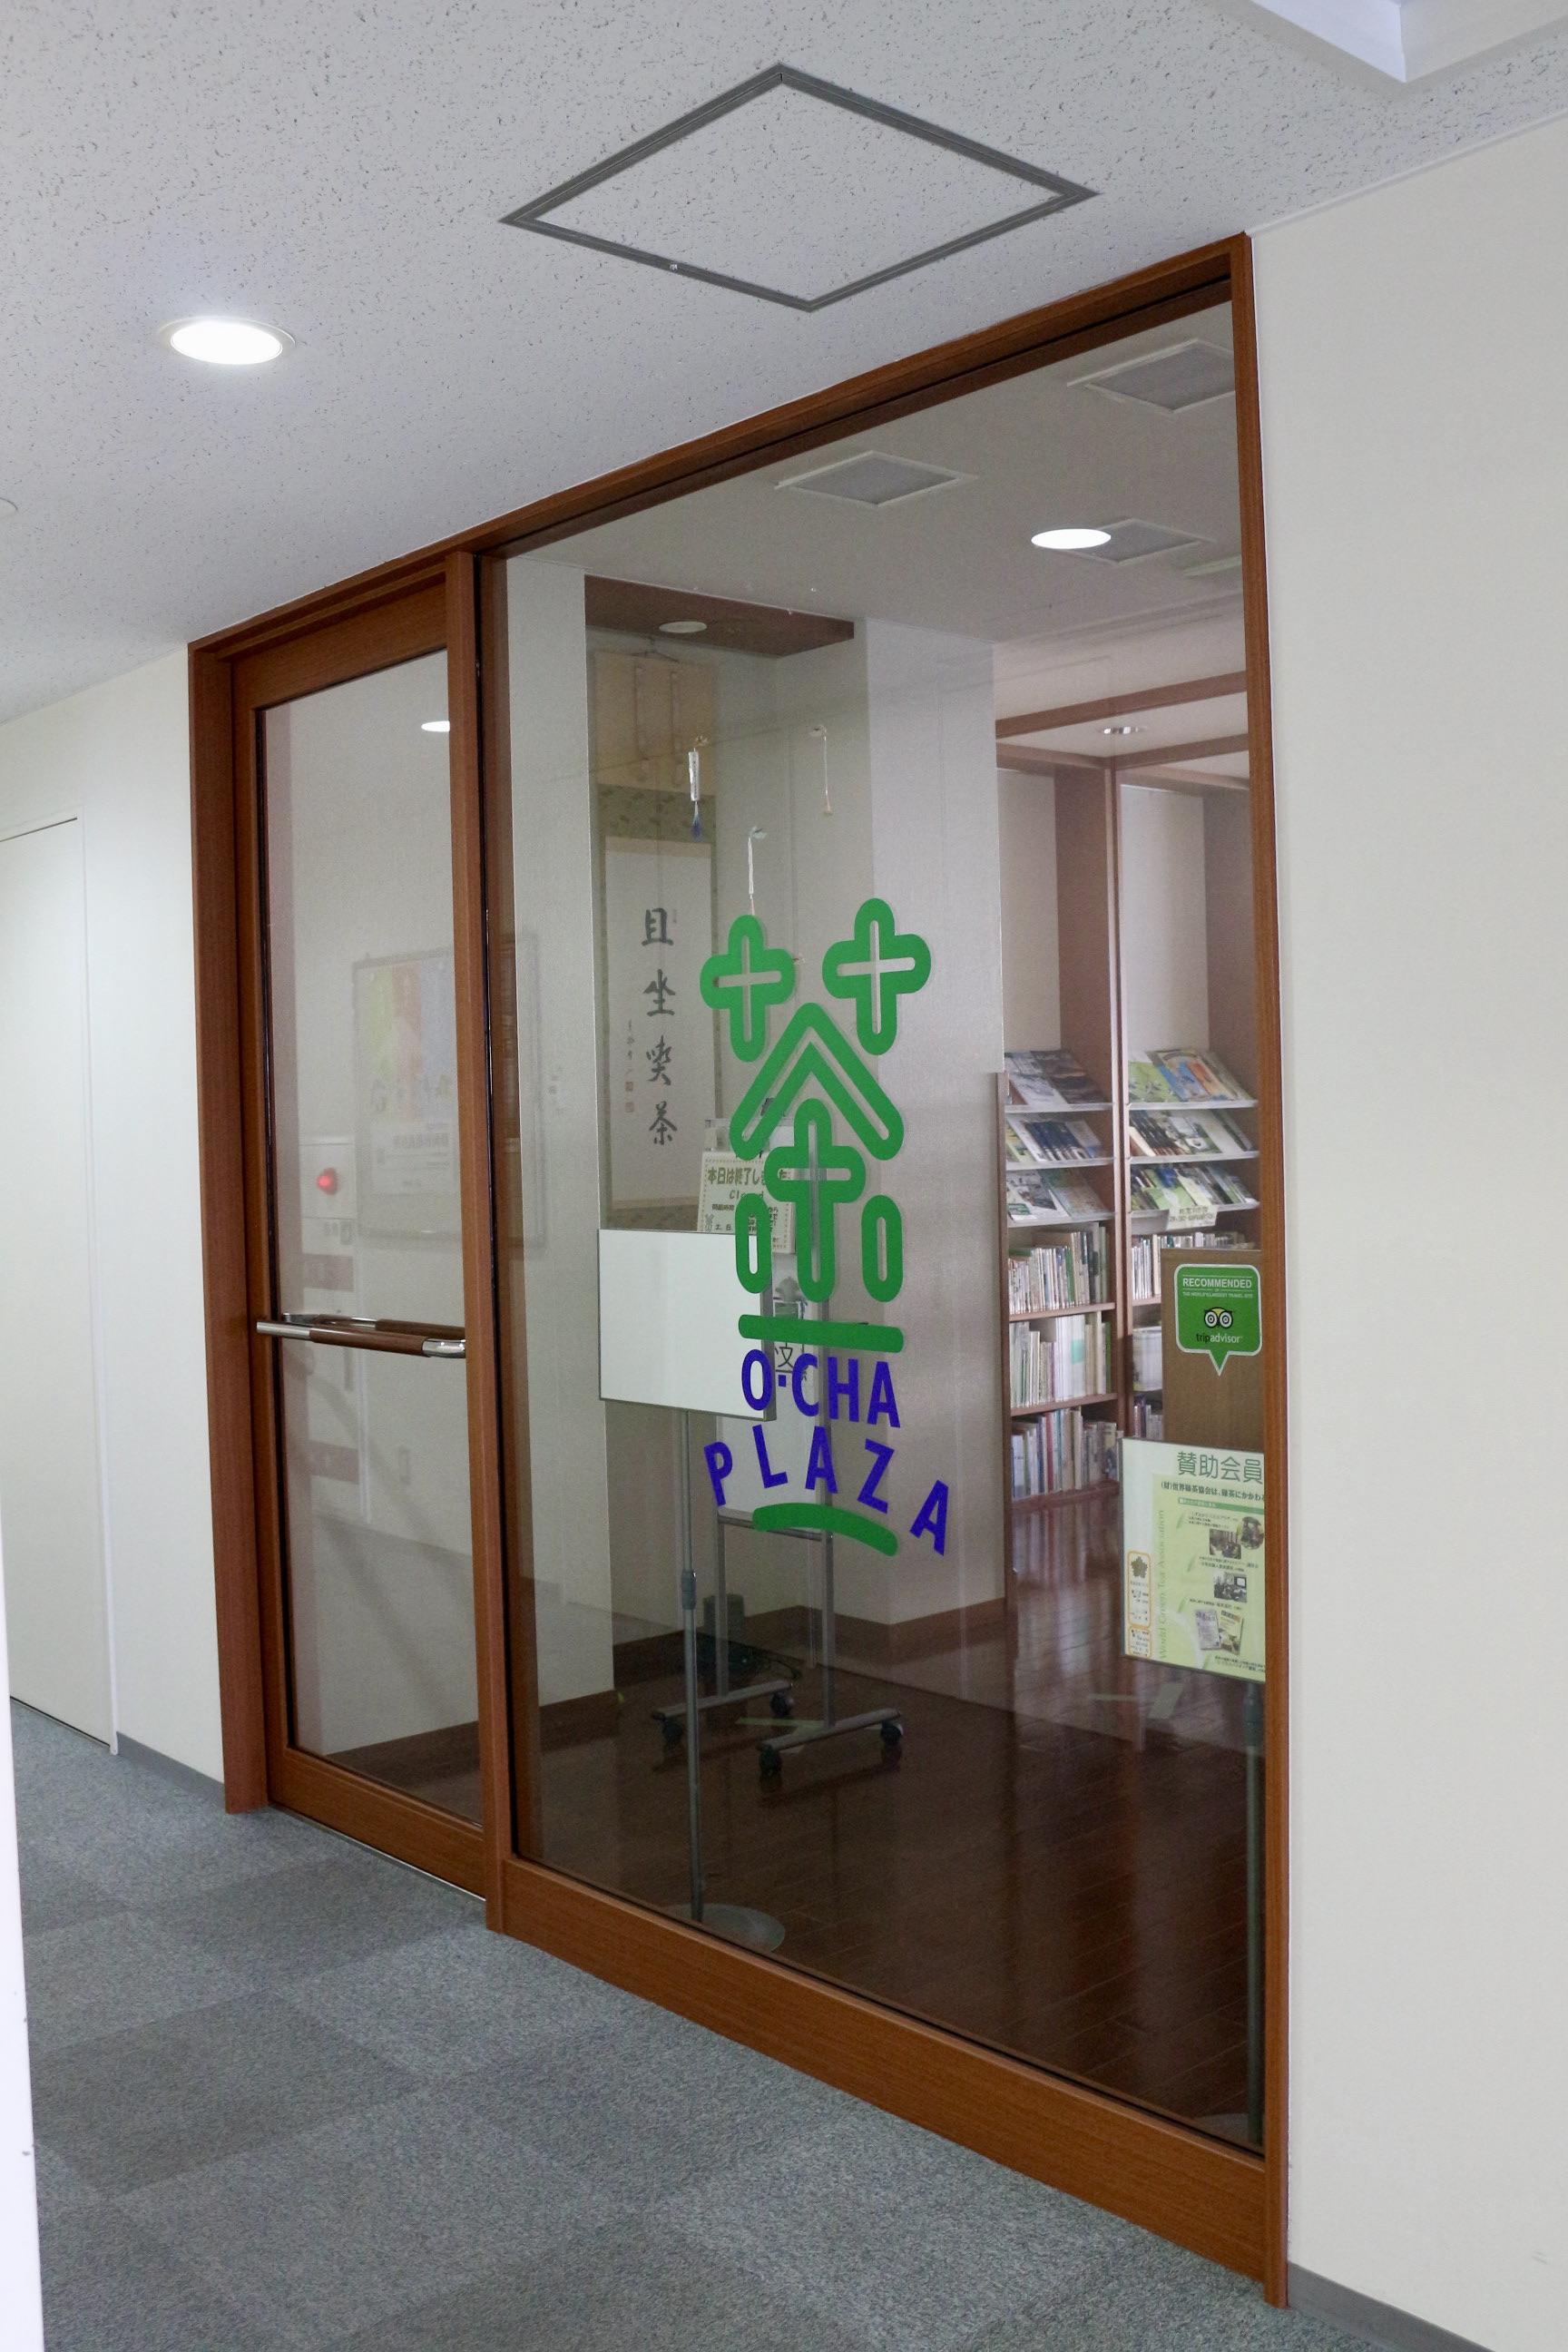 第8回世界お茶まつり実行委員会事務局紹介